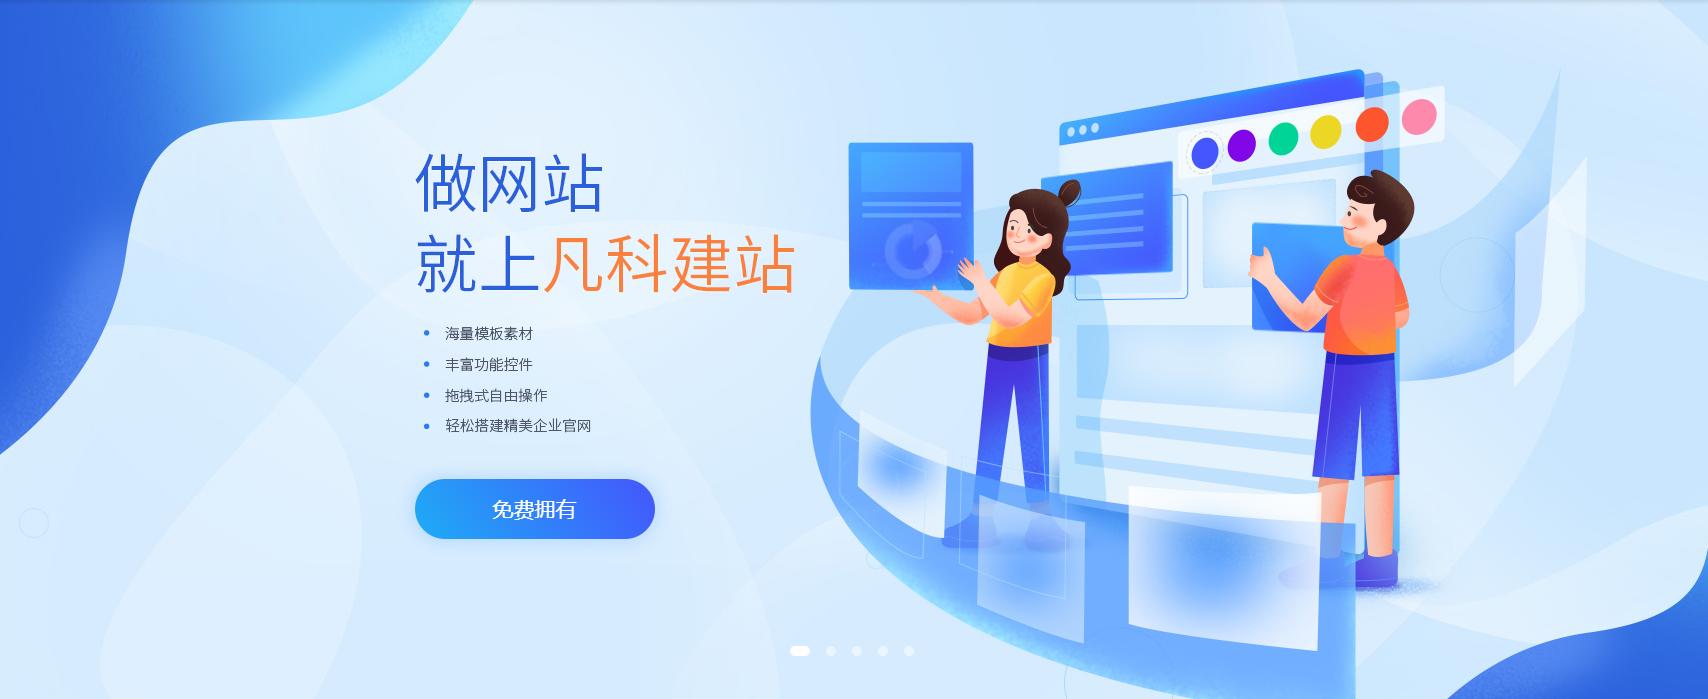 网站输入框的设计